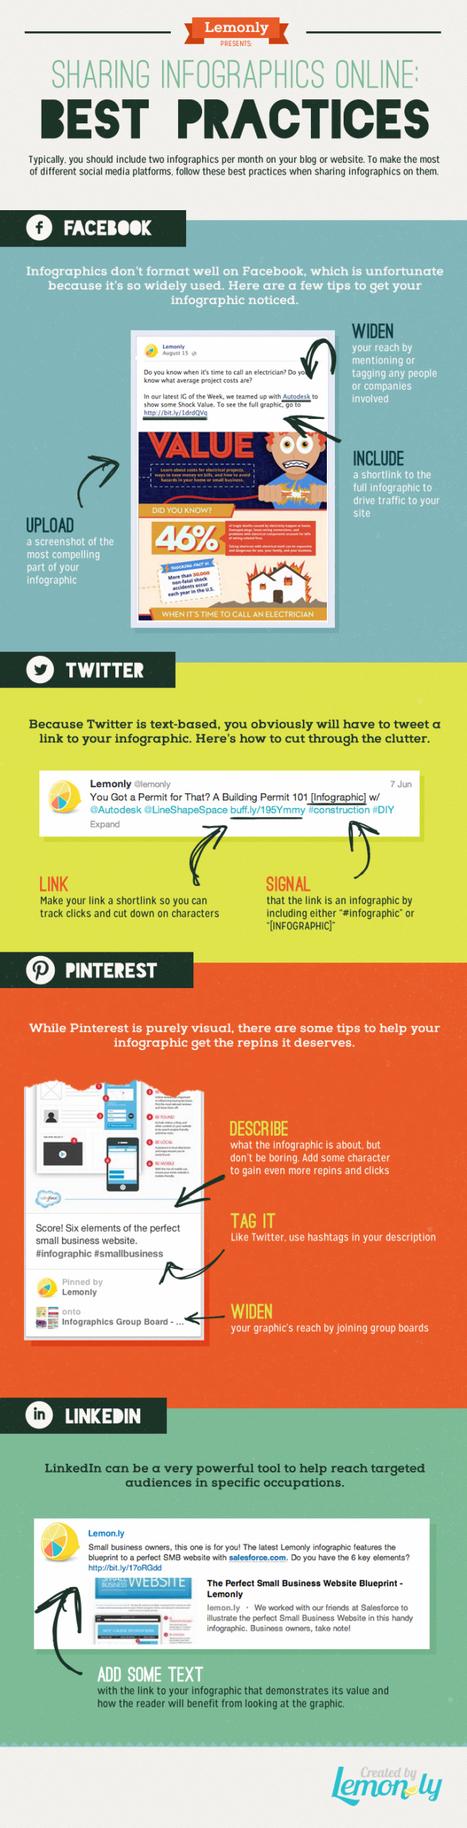 Cómo difundir infografías en Redes Sociales #infografia #infographic #socialmedia | Social Media | Scoop.it